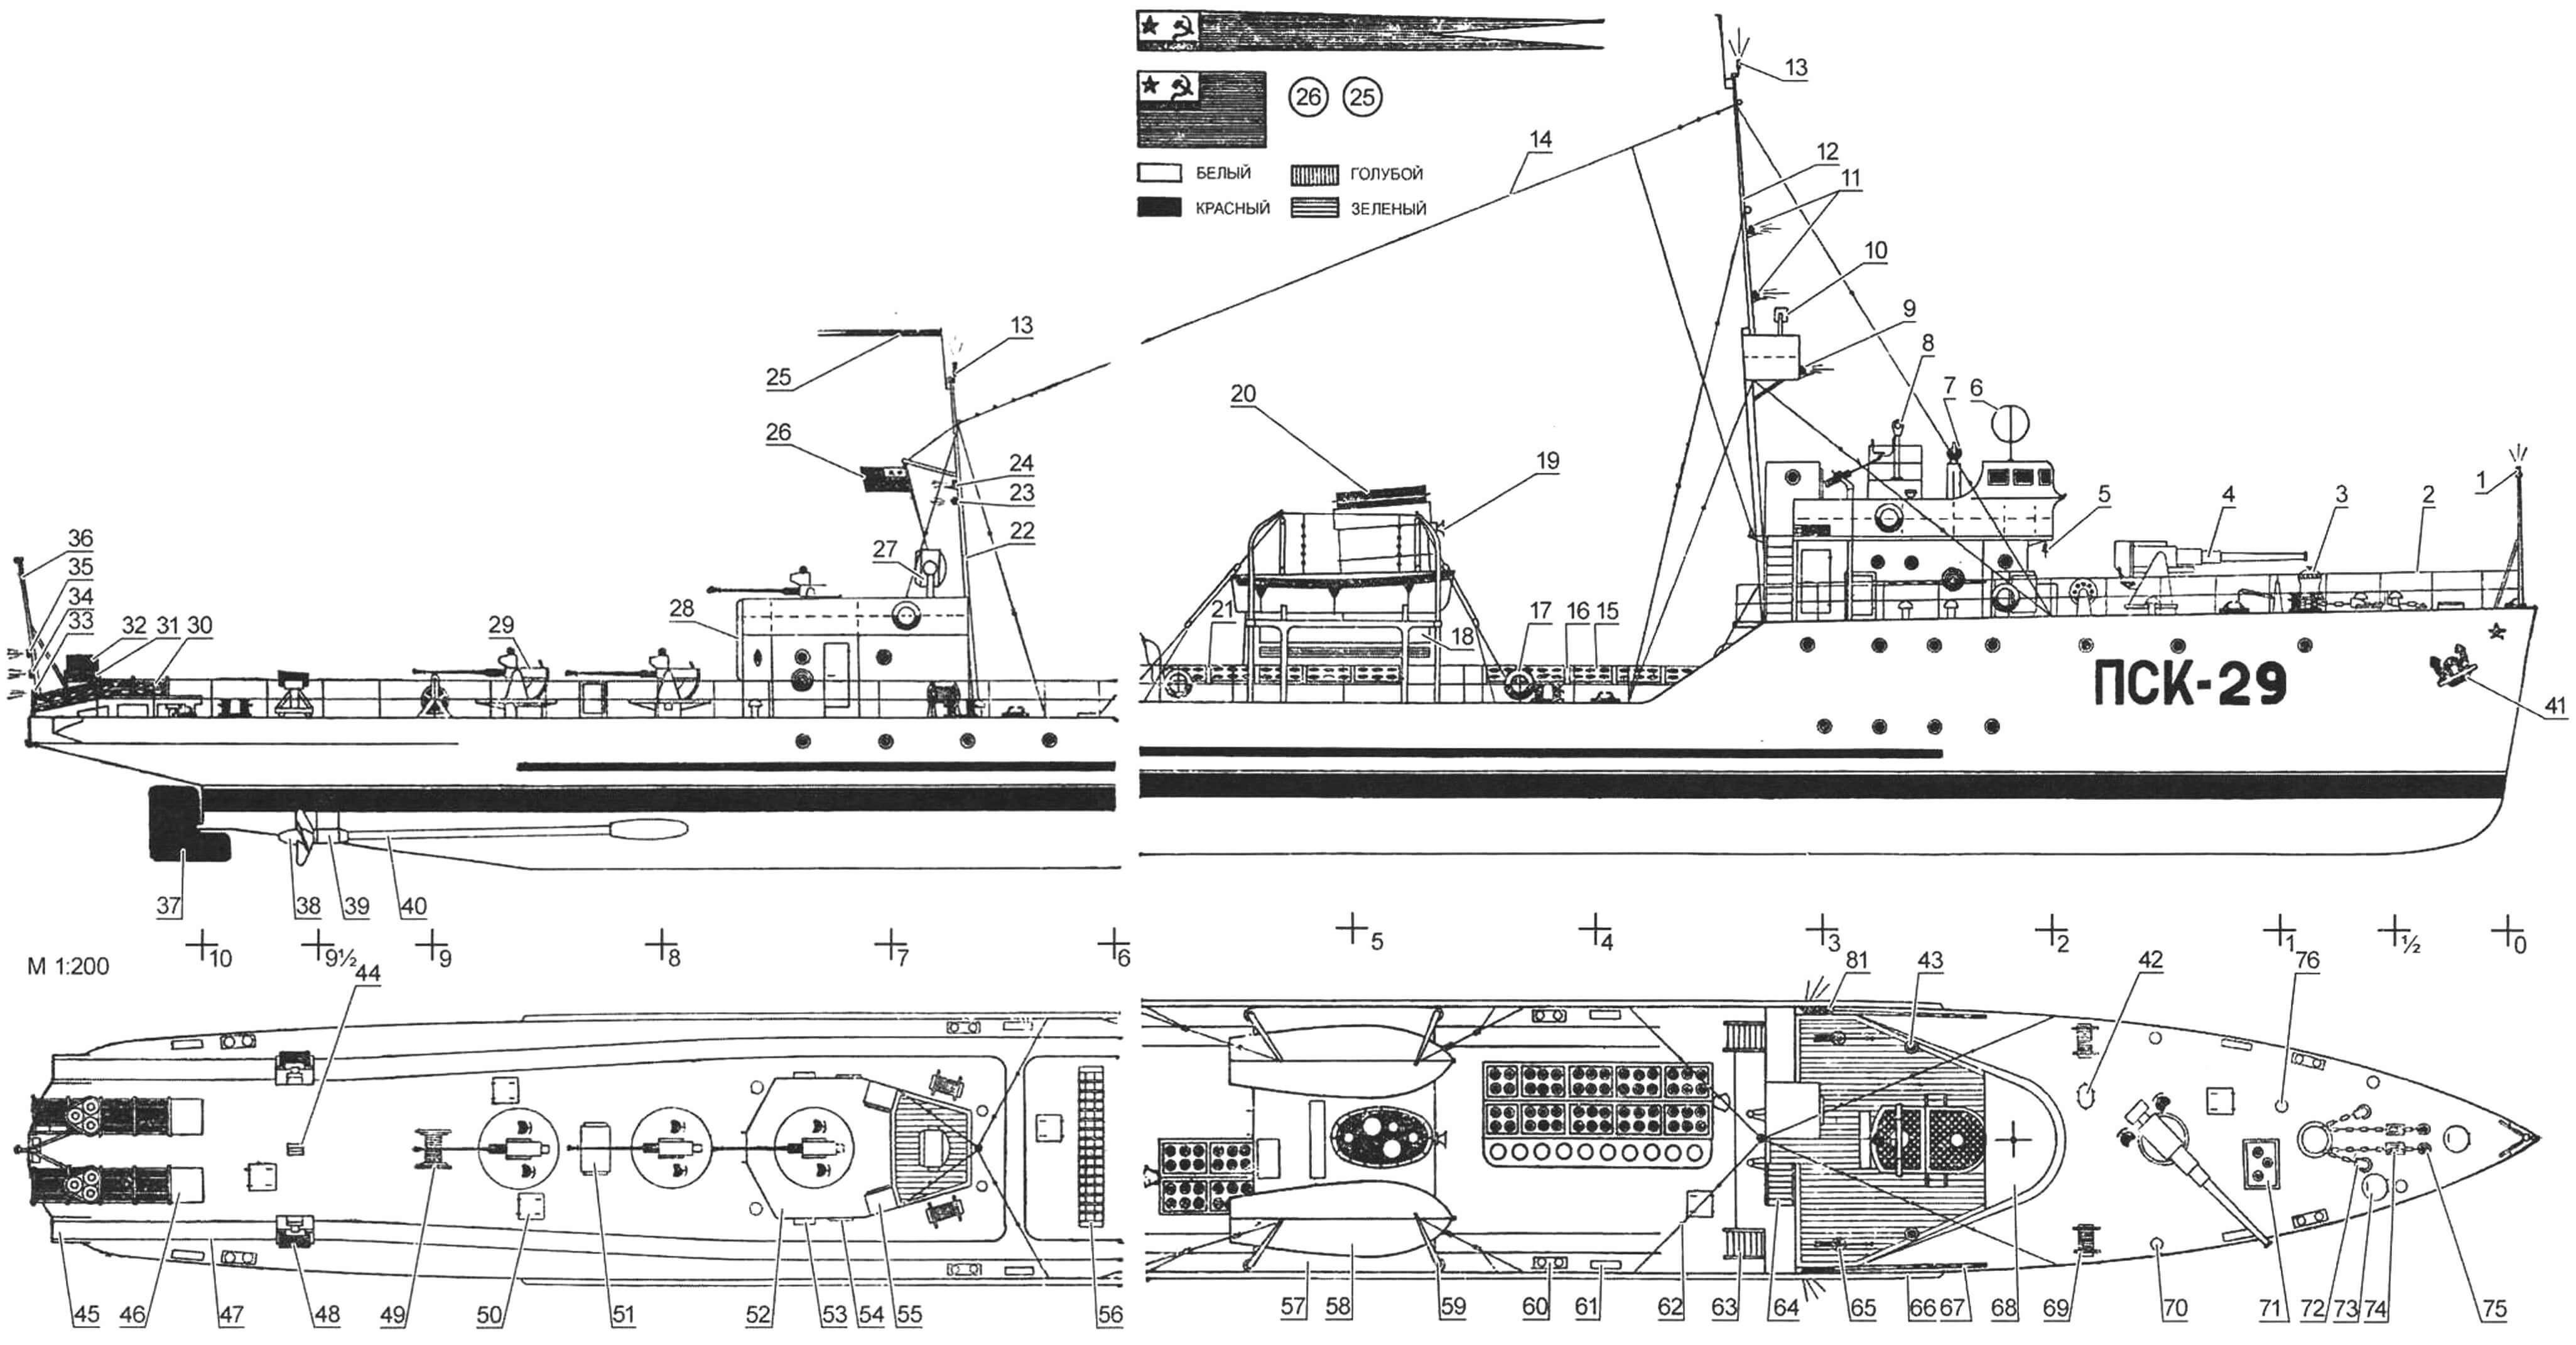 Пограничный сторожевой корабль ИСК-29 «Бриллиант»